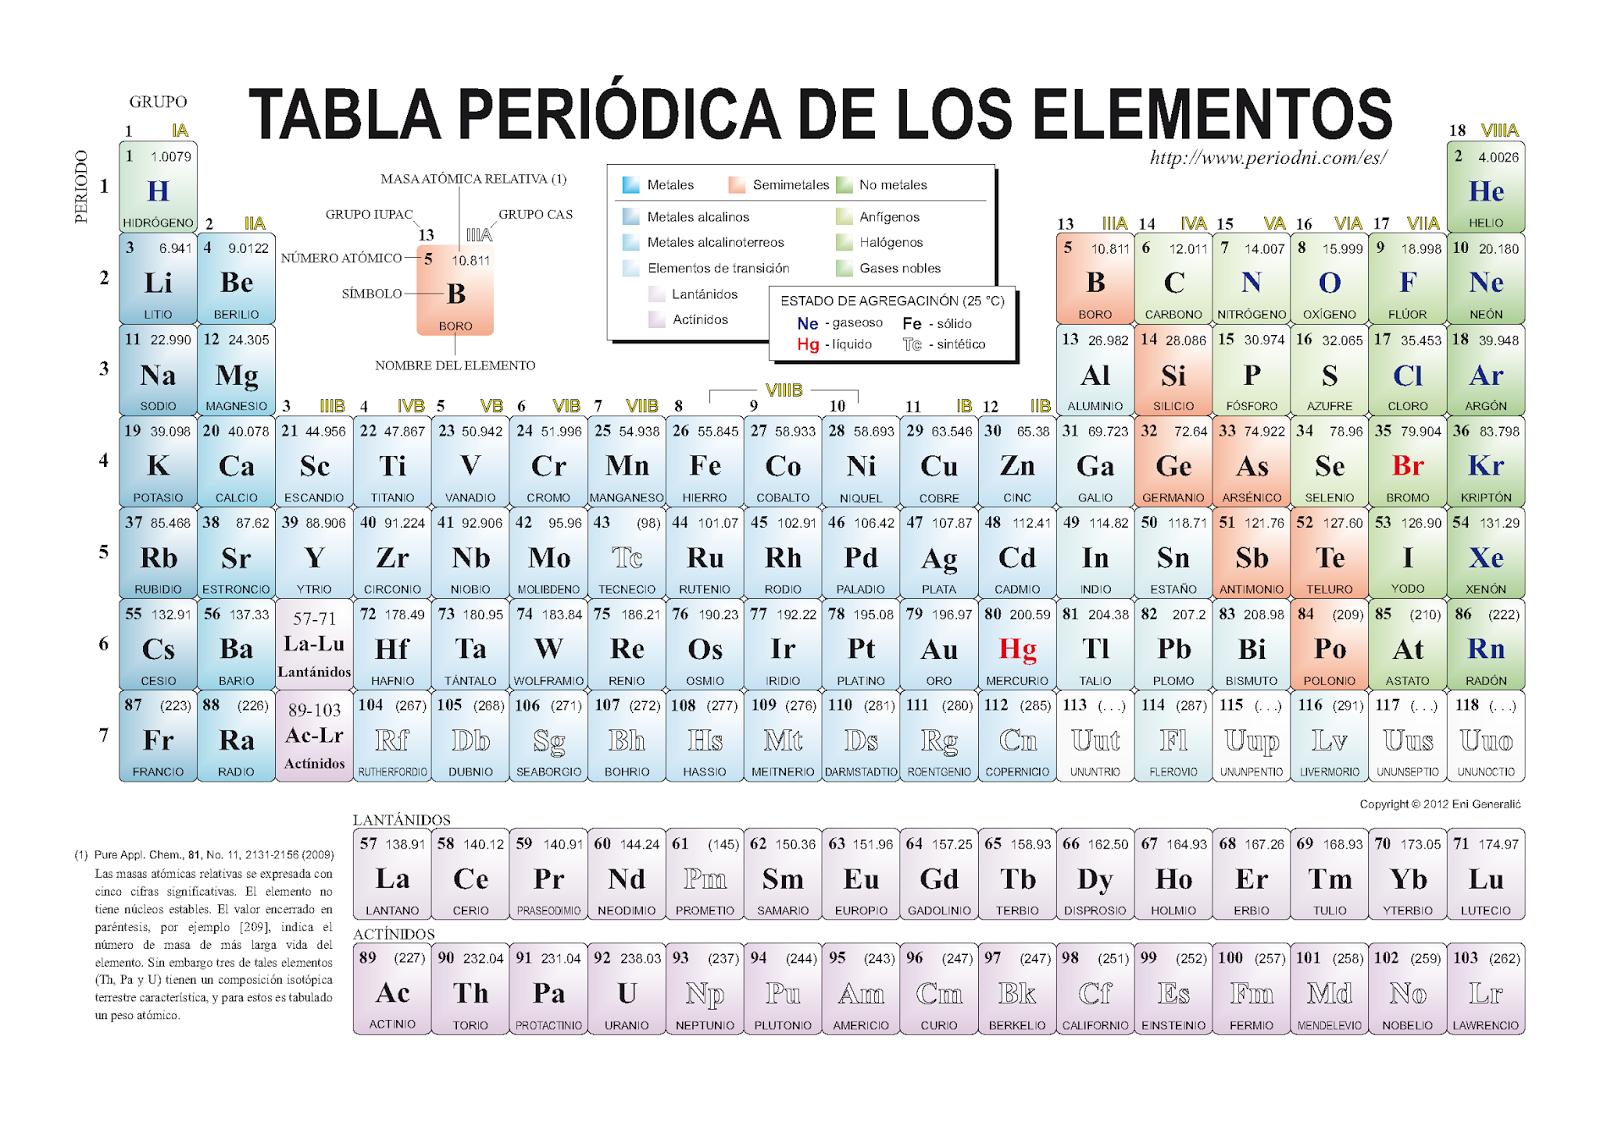 Historia de la tabla peridica de los elementos 2014 la tabla peridica actual fue diseada por alfred werner basada en la ley de moseley y en la distribucin electrnica de los elementos urtaz Image collections